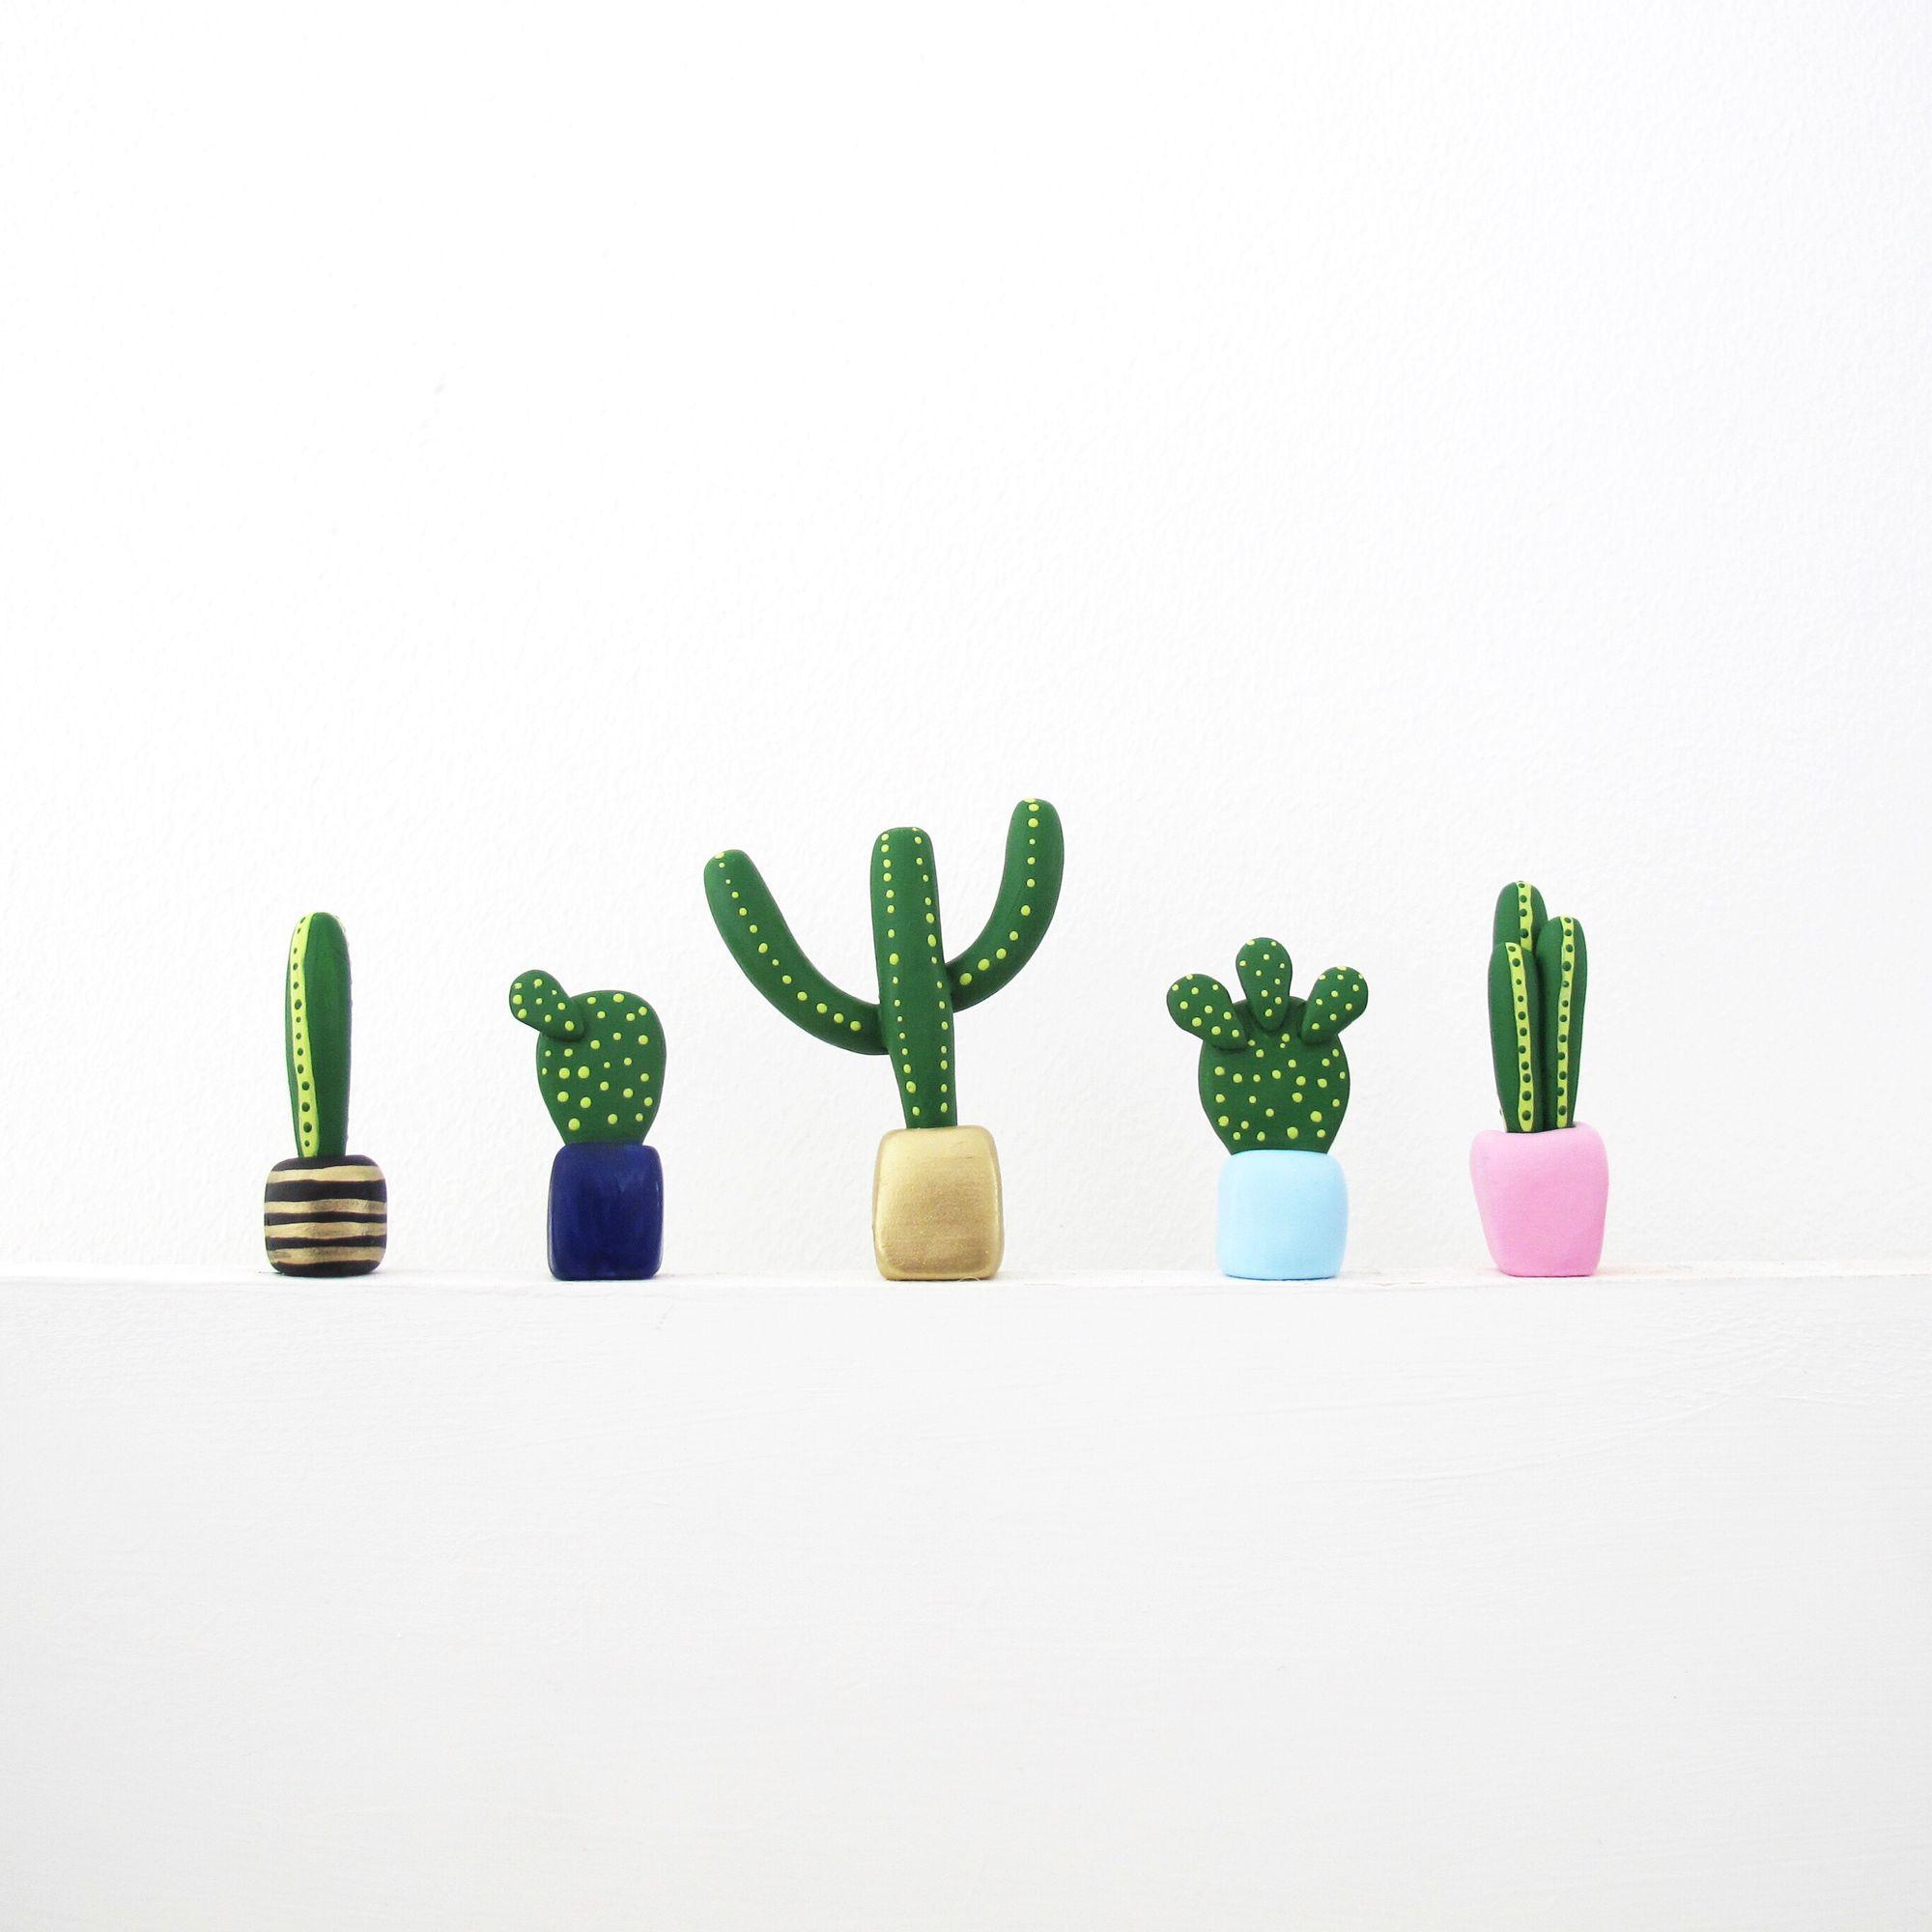 Необычные растения из полимерной глины - Фото 1